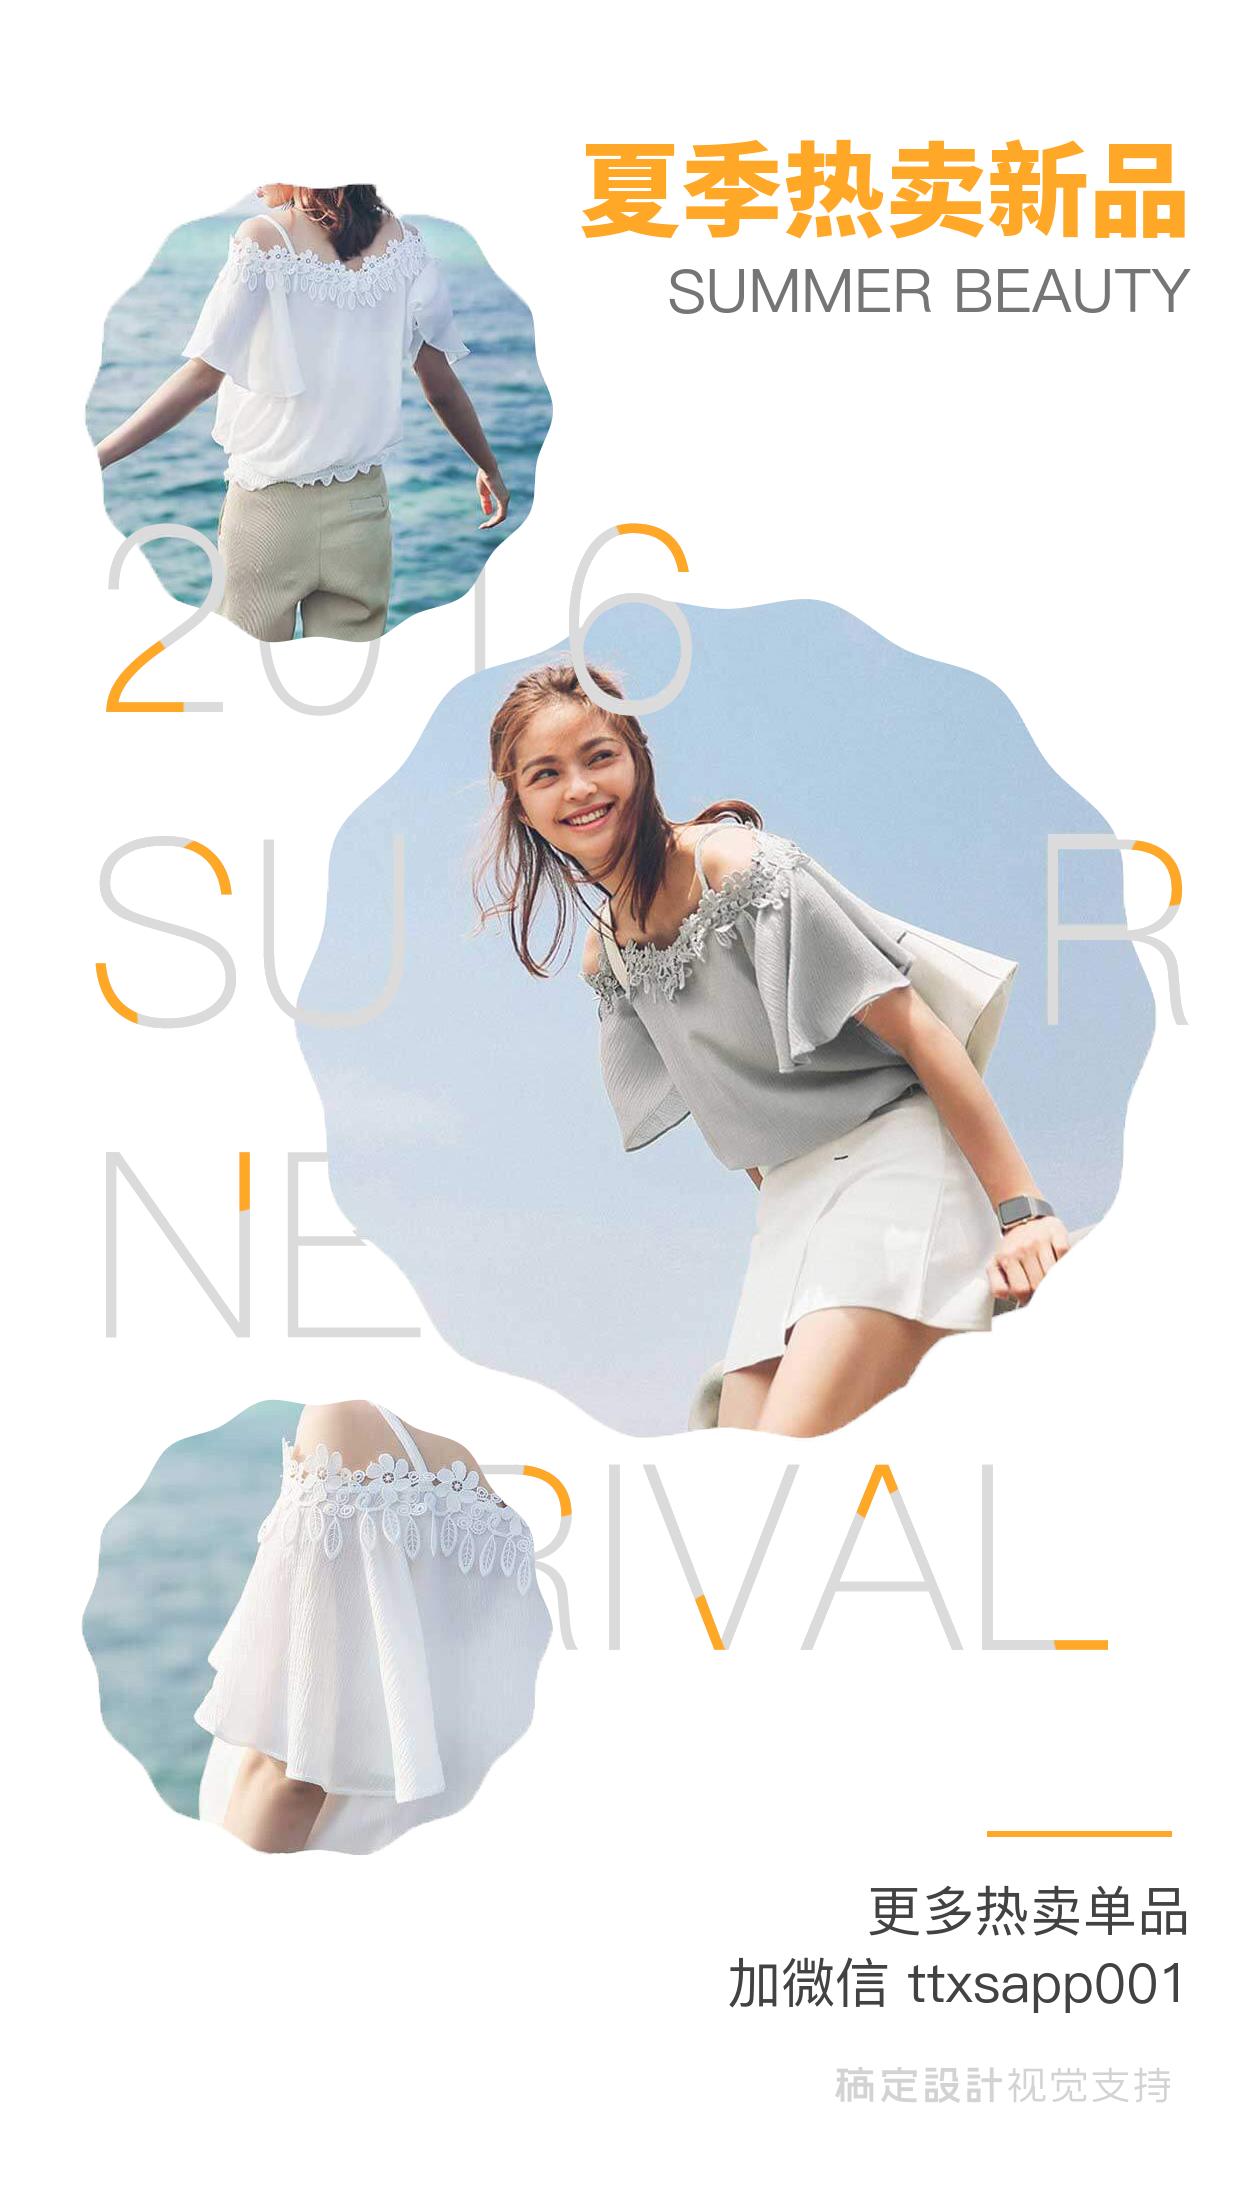 夏季热销新品产品展示